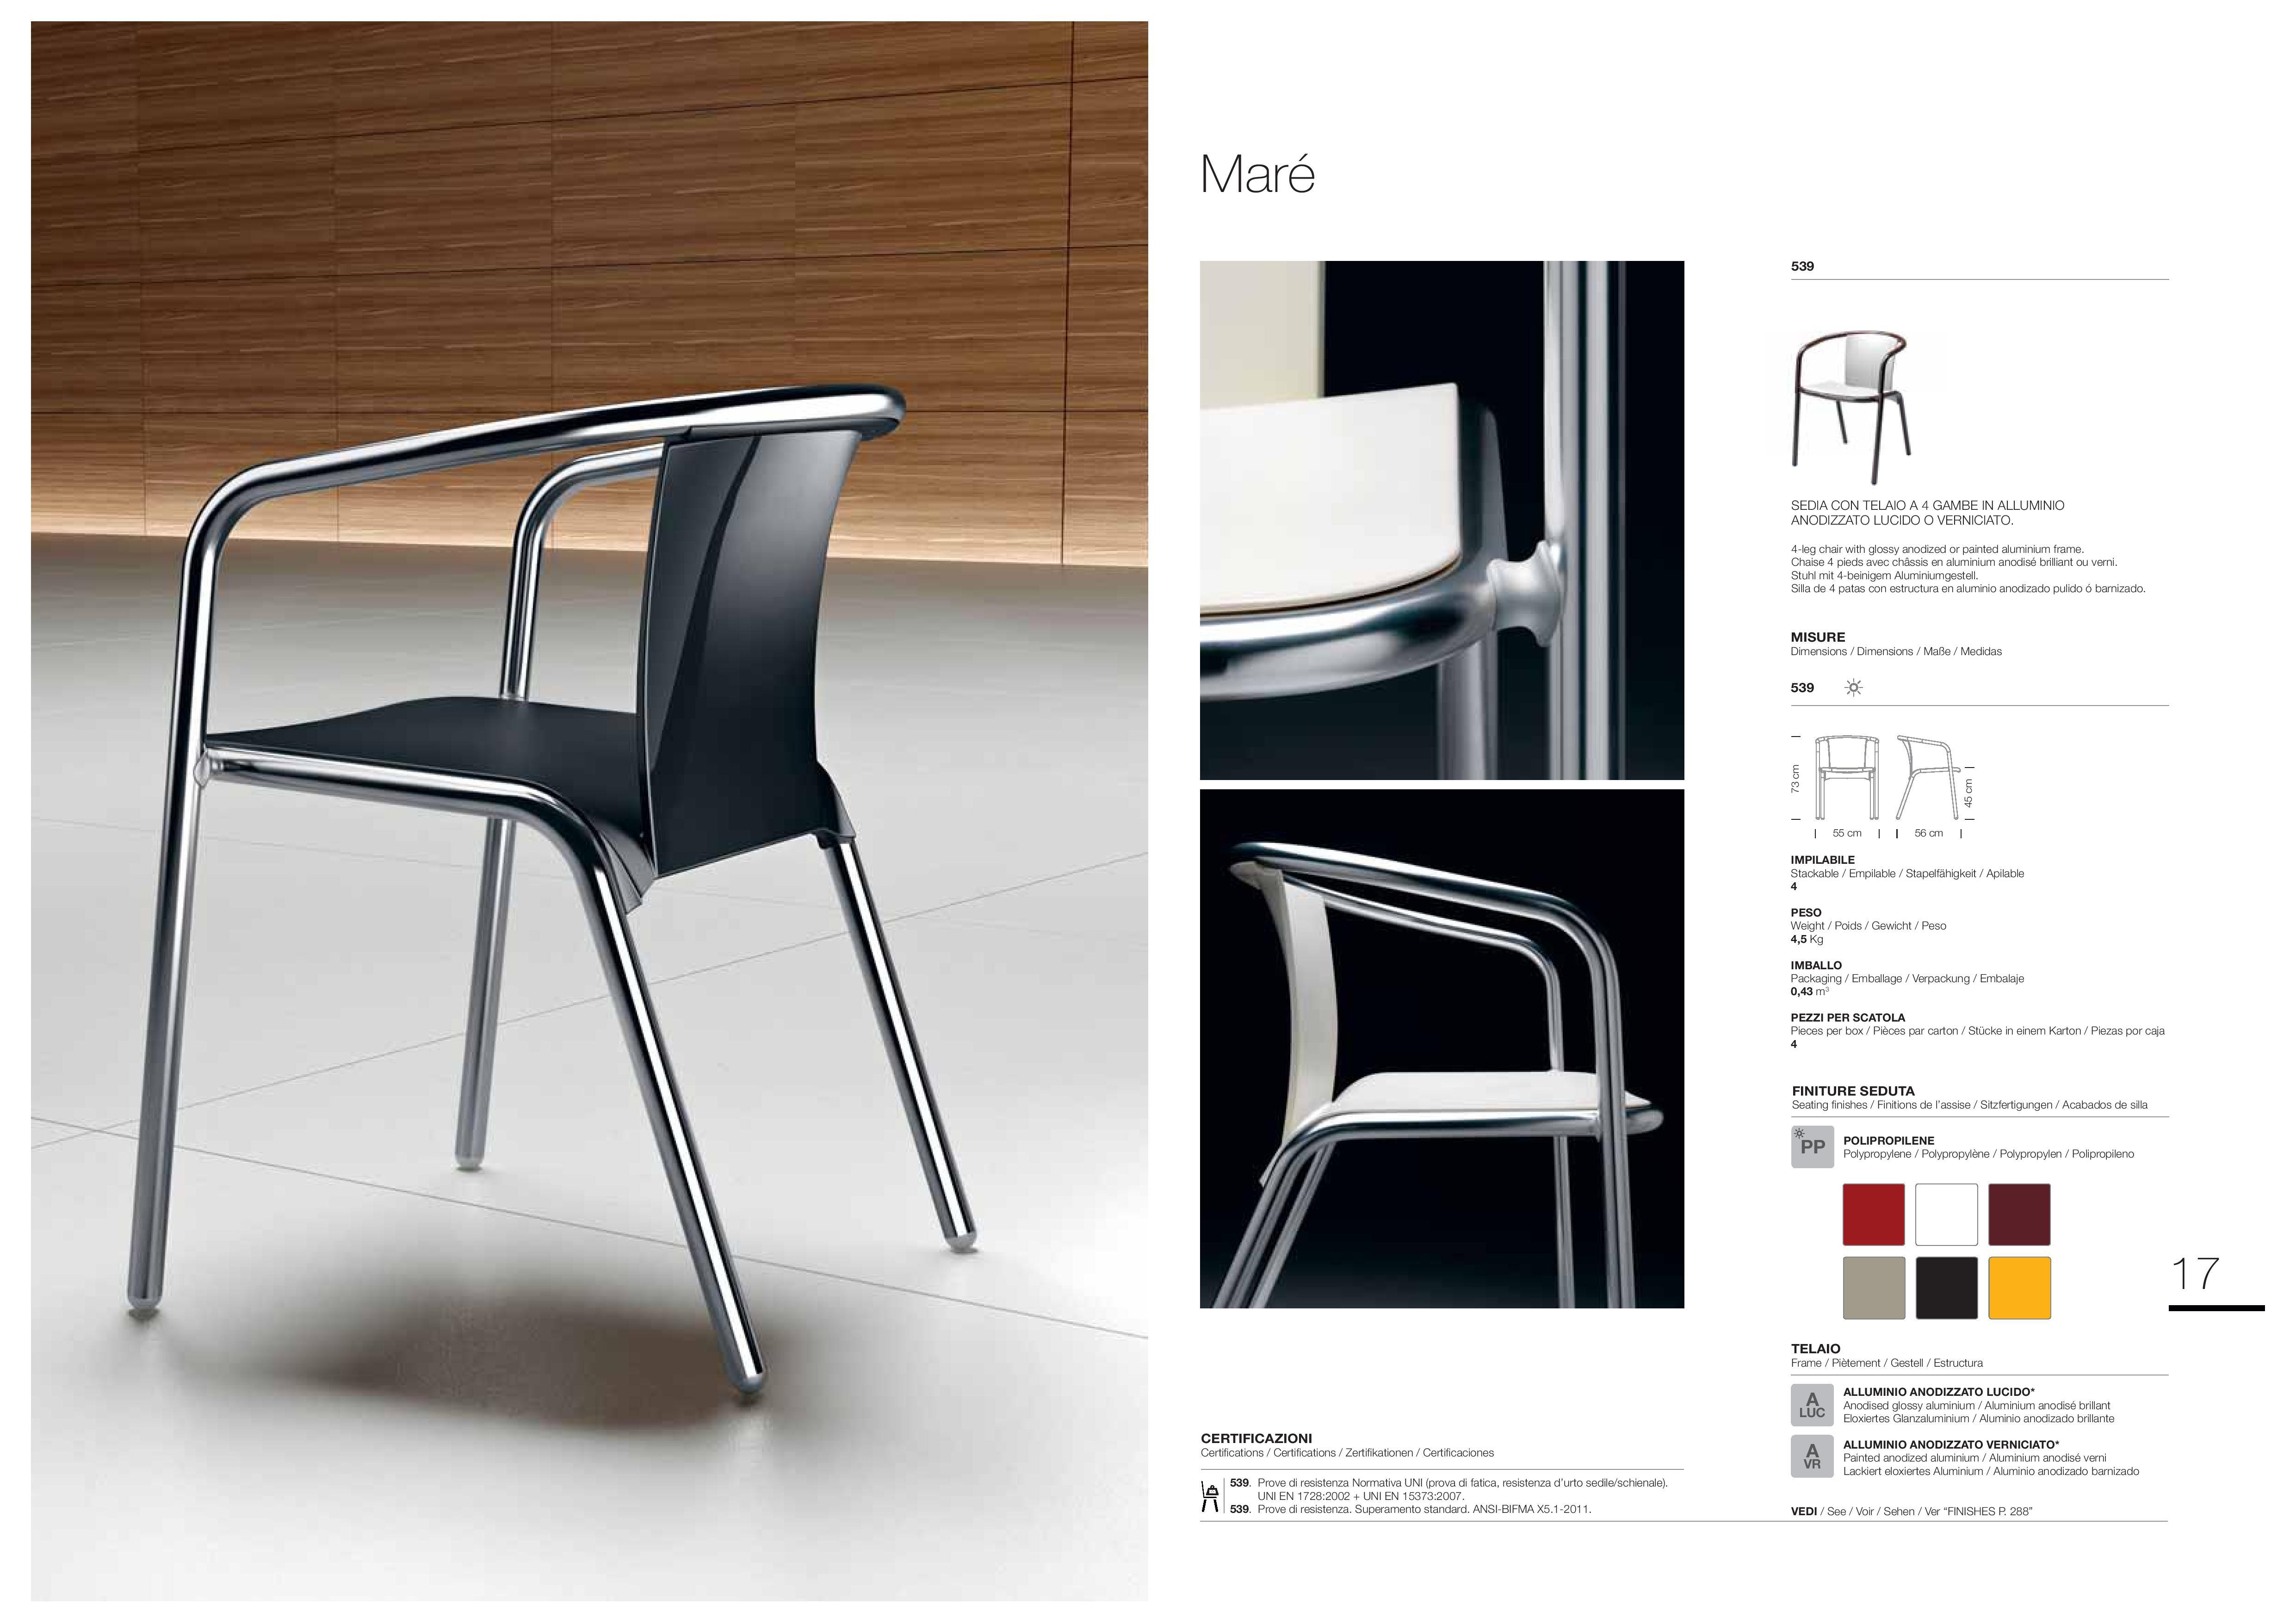 modele krzesła Mare Metalmobil